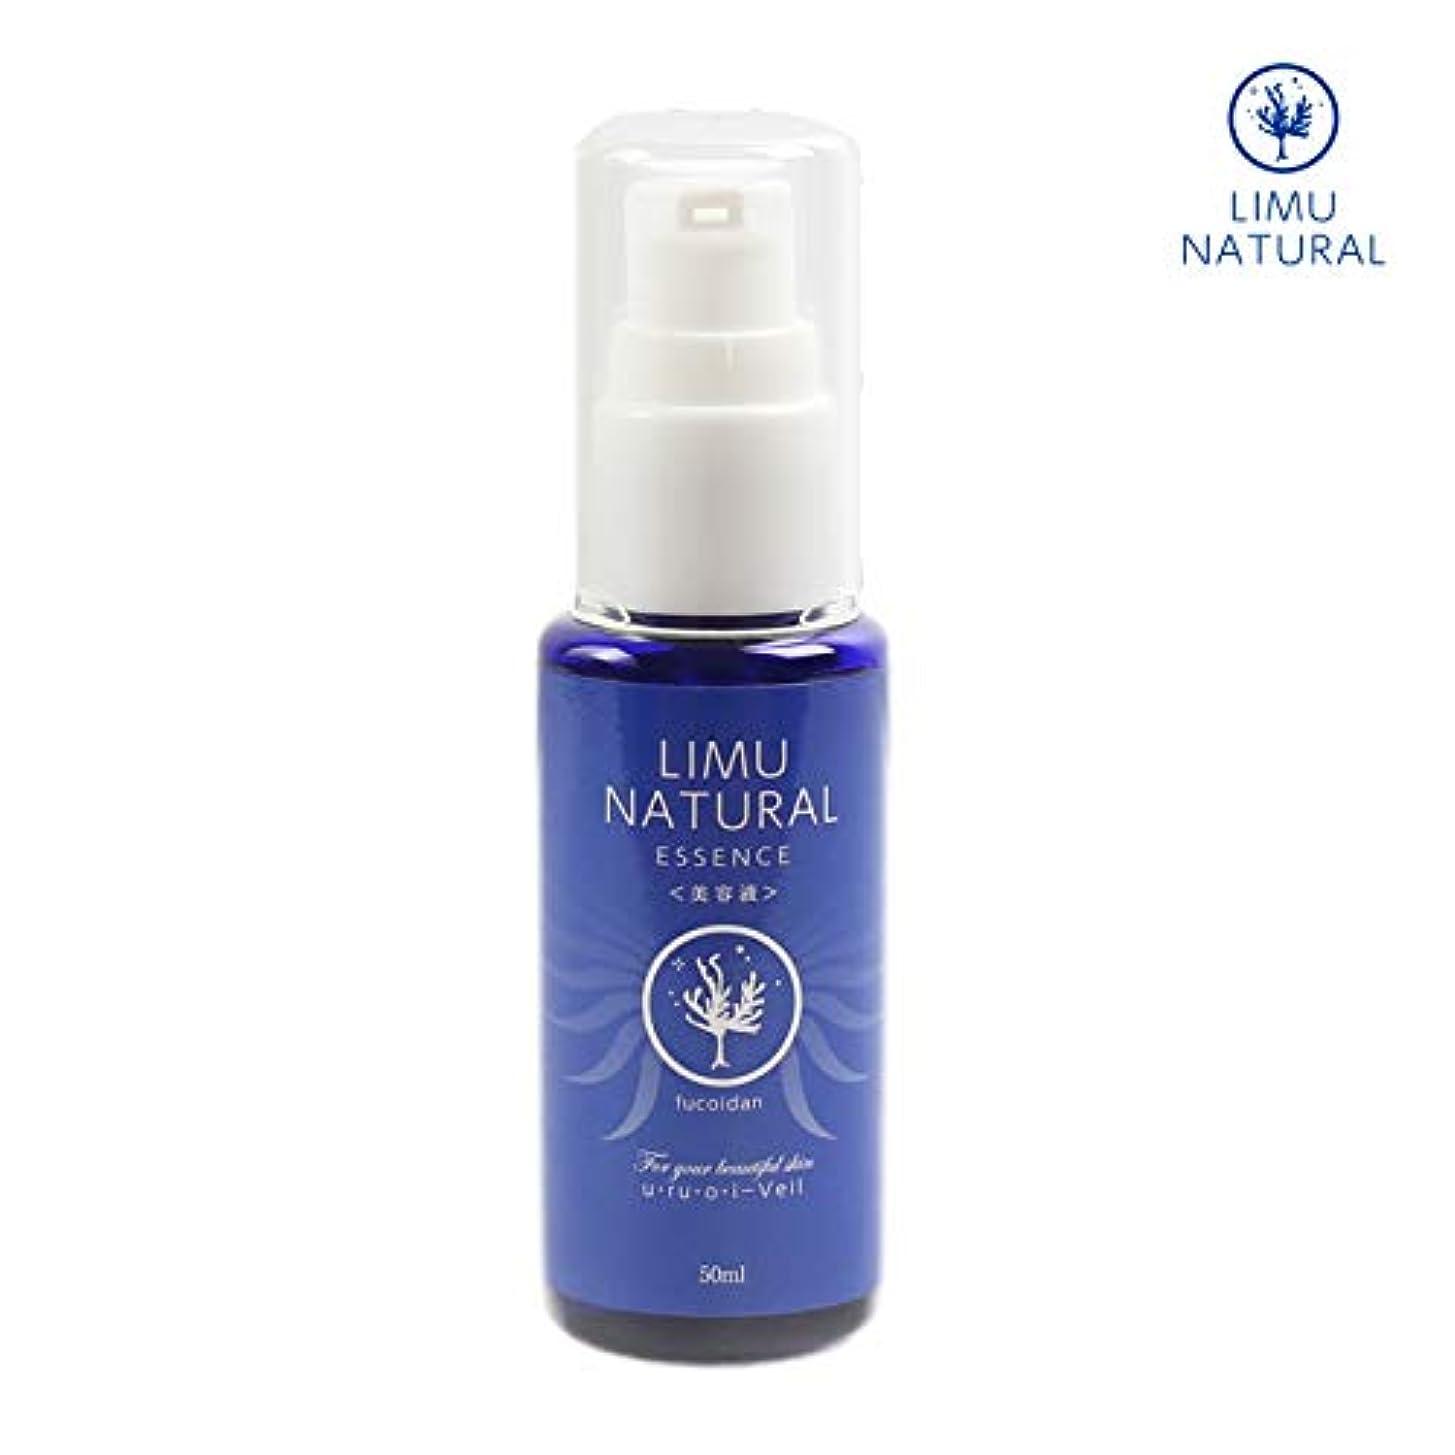 さわやか埋め込むシットコムリムナチュラル 高濃度美容液 LIMU NATURAL ESSENCE (50ml) 「美白&保湿」「フコイダン」+「グリセリルグルコシド」を贅沢に配合